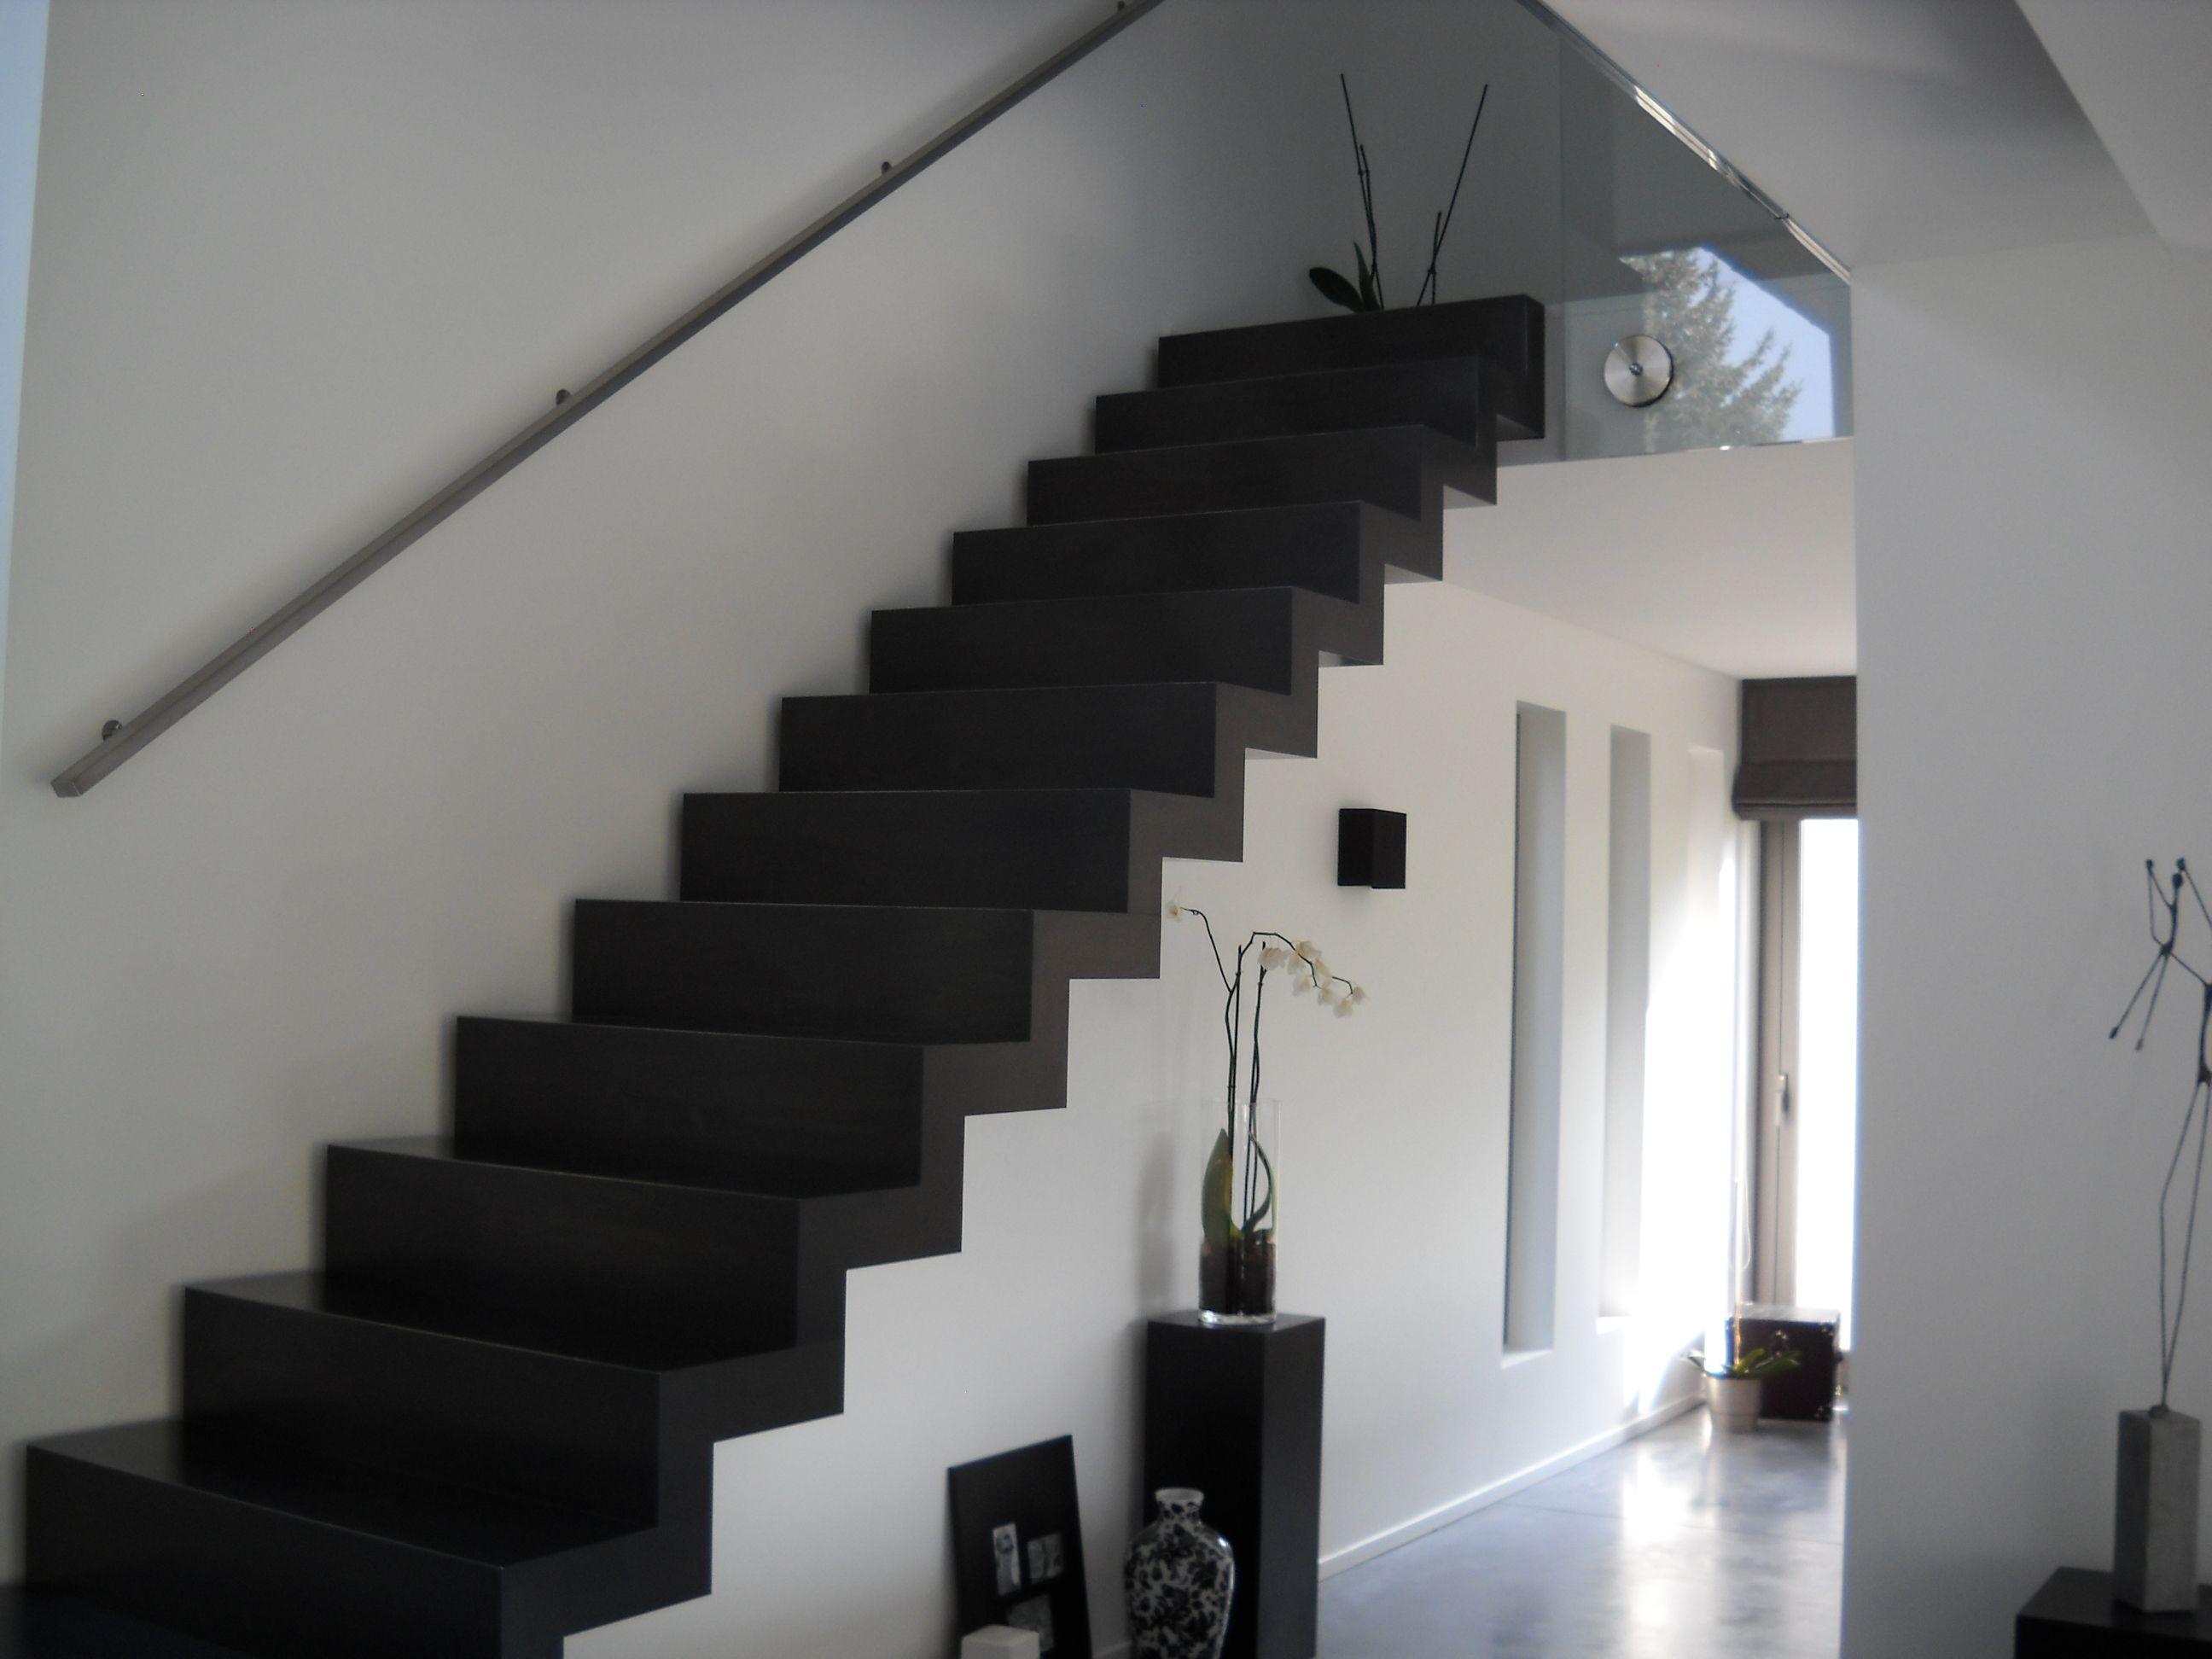 Zwarte design trap staal met strakke leuning langs de muur